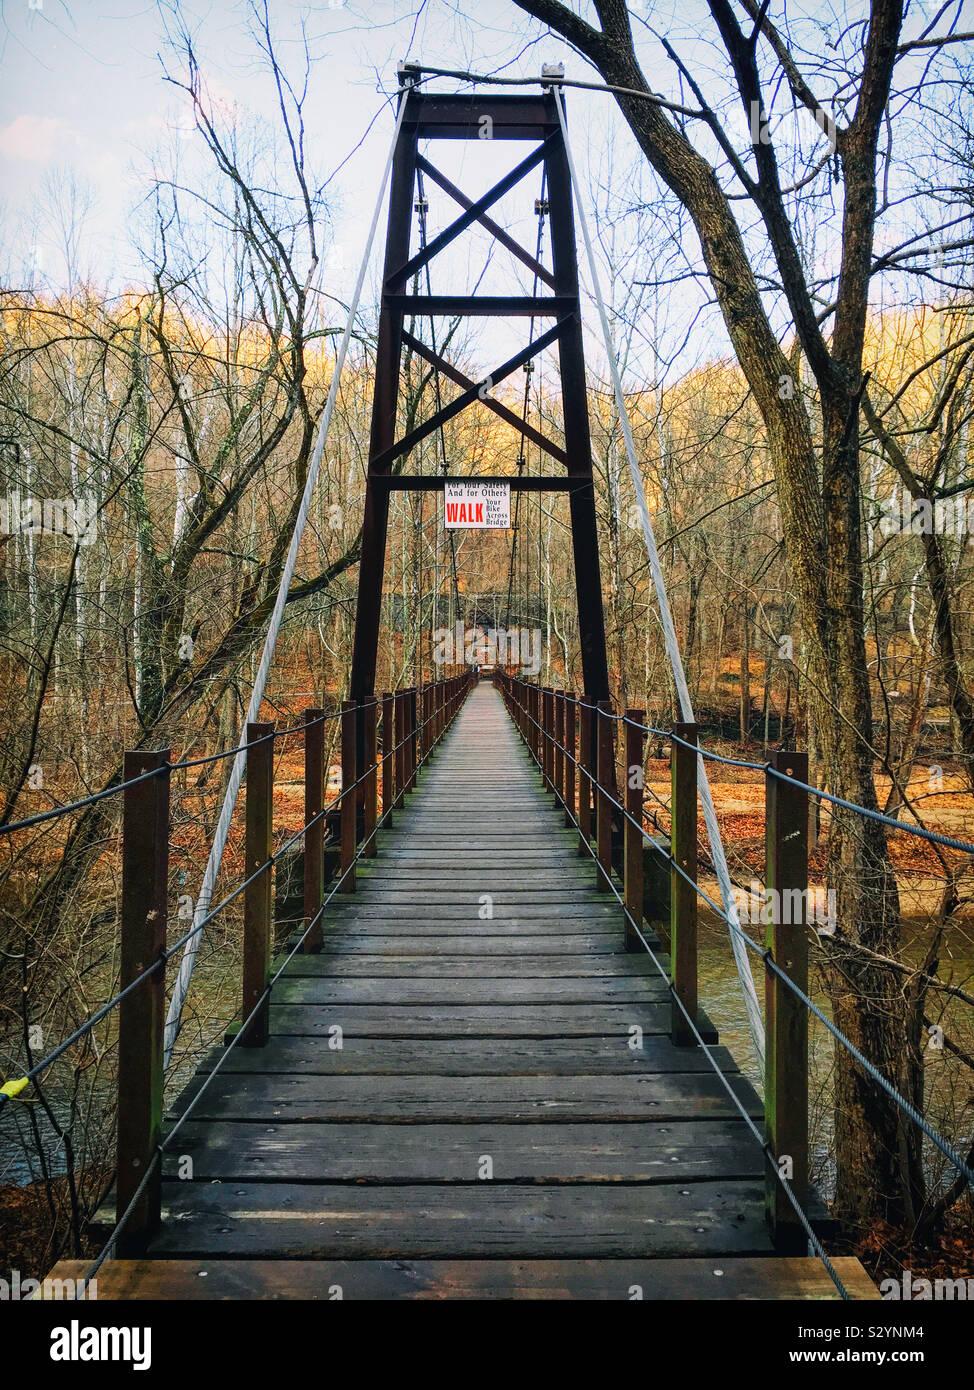 Il Patapsco ponte oscillante si trova nella valle di Patapsco stato parco nel centro di Maryland negli Stati Uniti. Si tratta di un ponte di sospensione costituito da un ponte di legno sostenuto da cavi di grandi dimensioni. Foto Stock